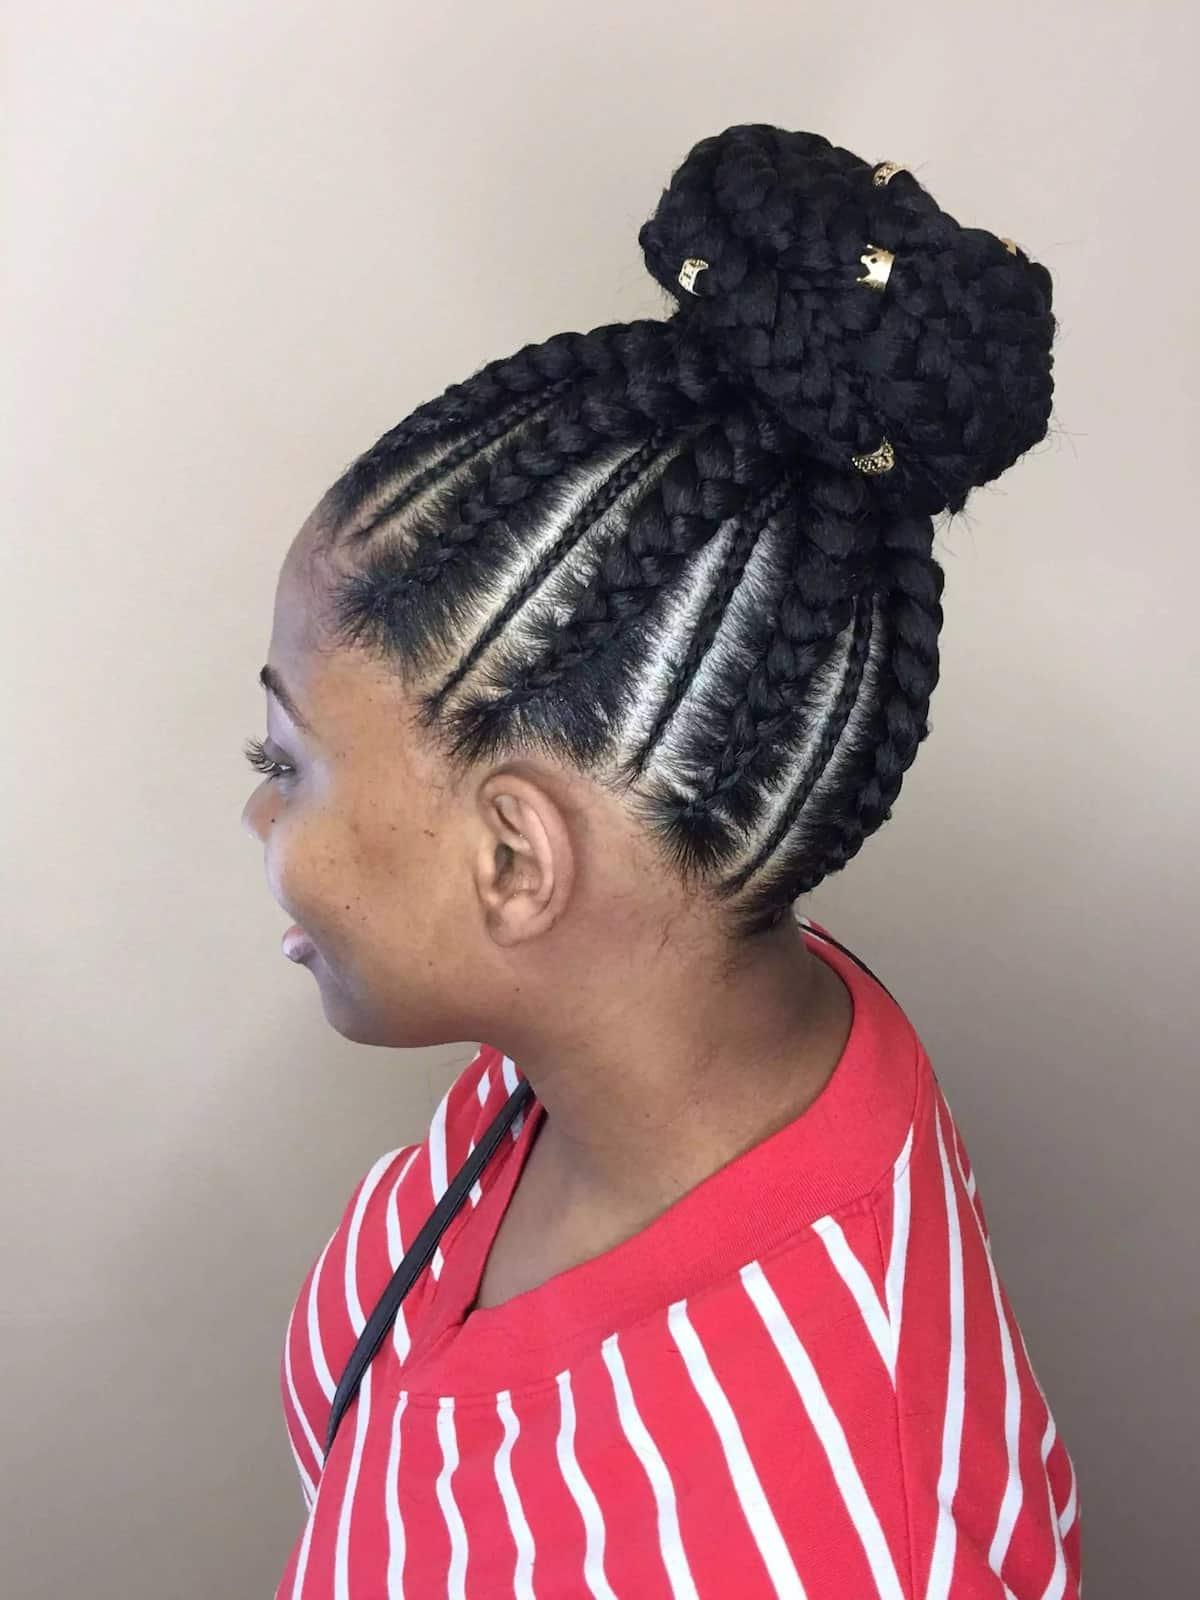 Cornrow braid updo hairstyles Cornrow braid hairstyles for short hair Cornrow braid hairstyles for natural hair